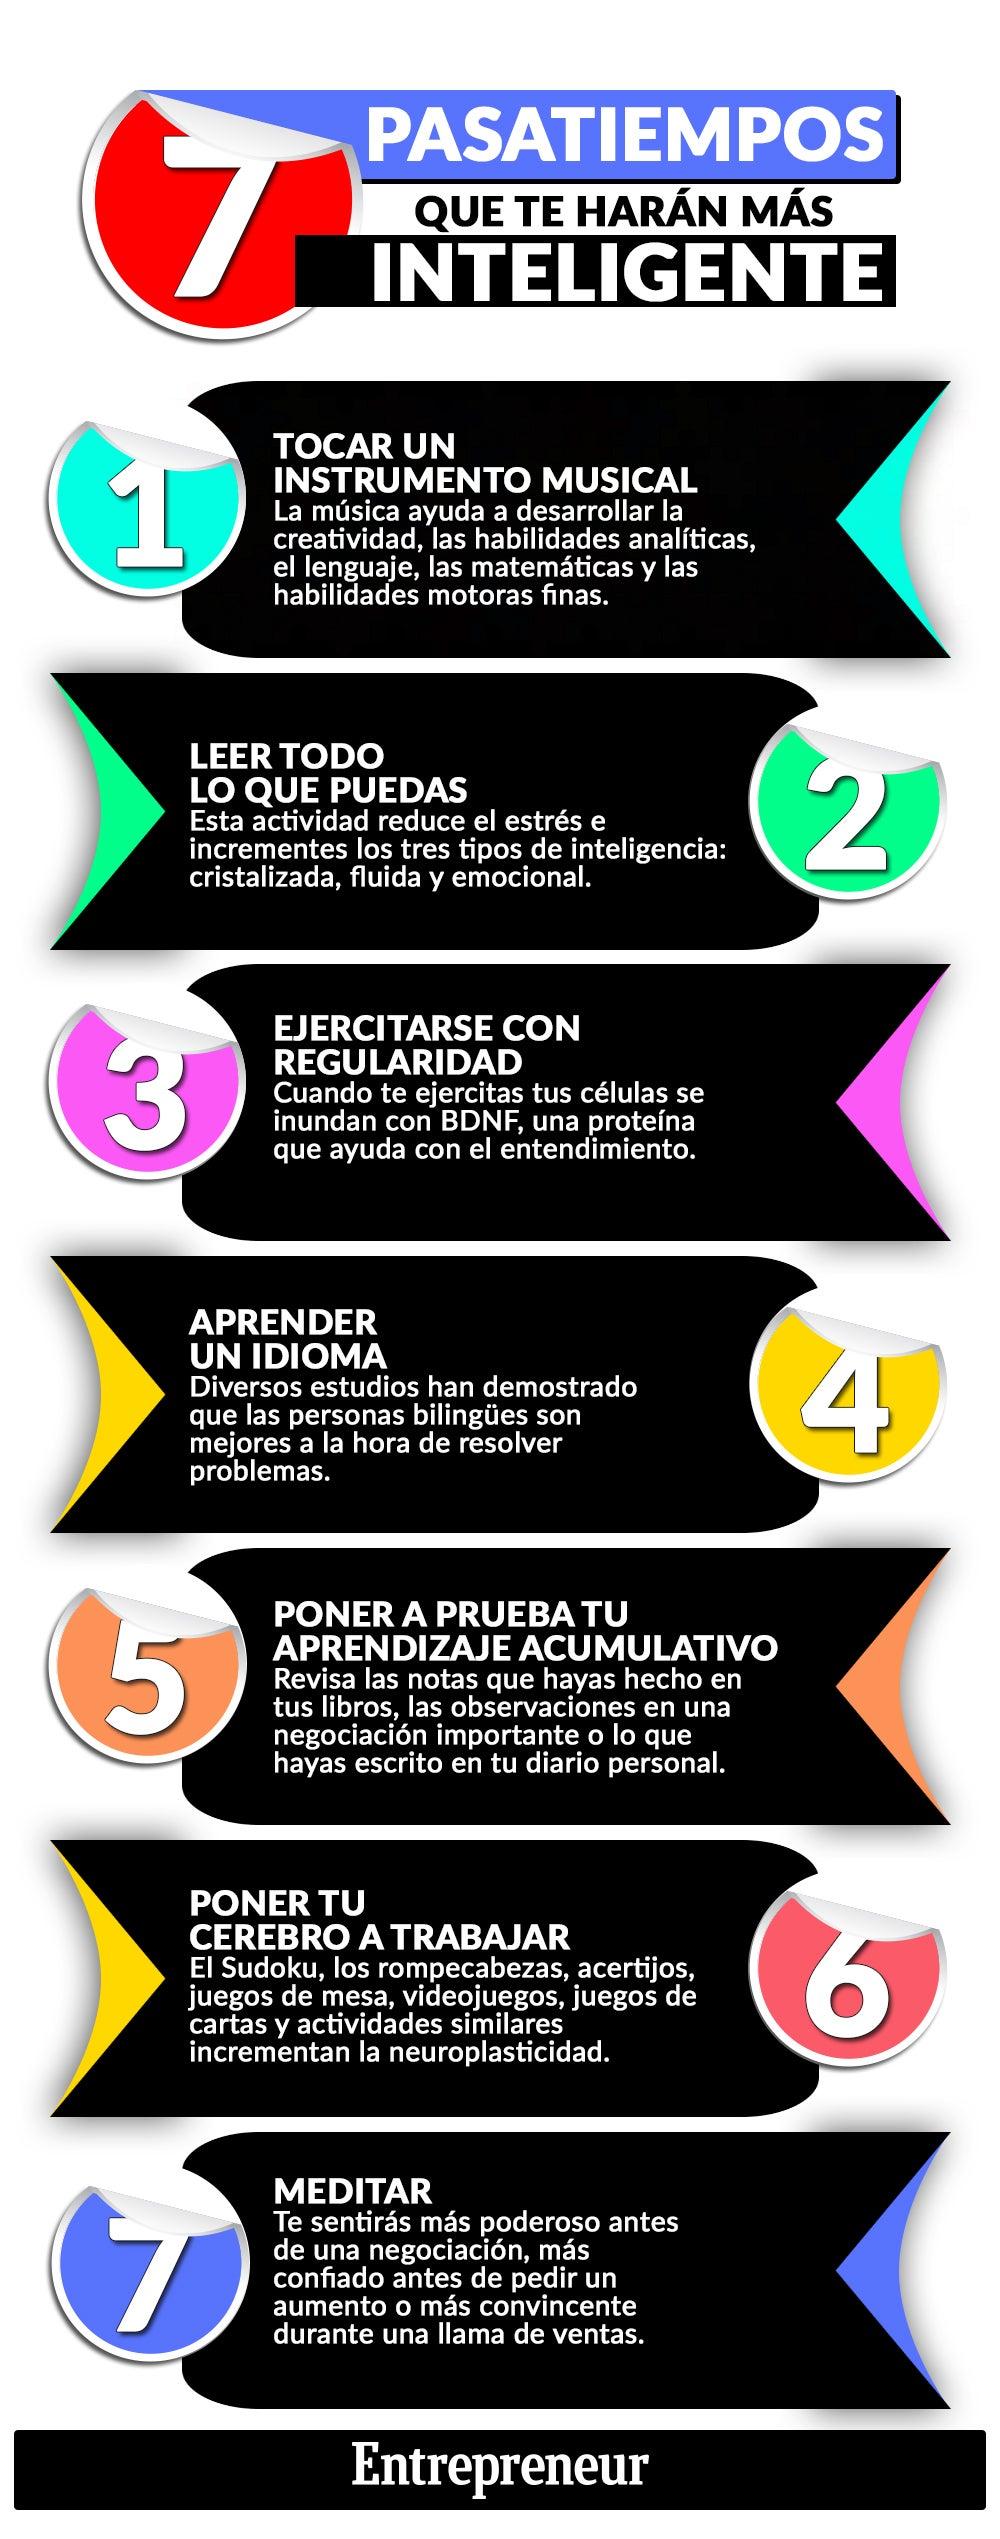 Infografía: 7 pasatiempos que te harán más inteligente